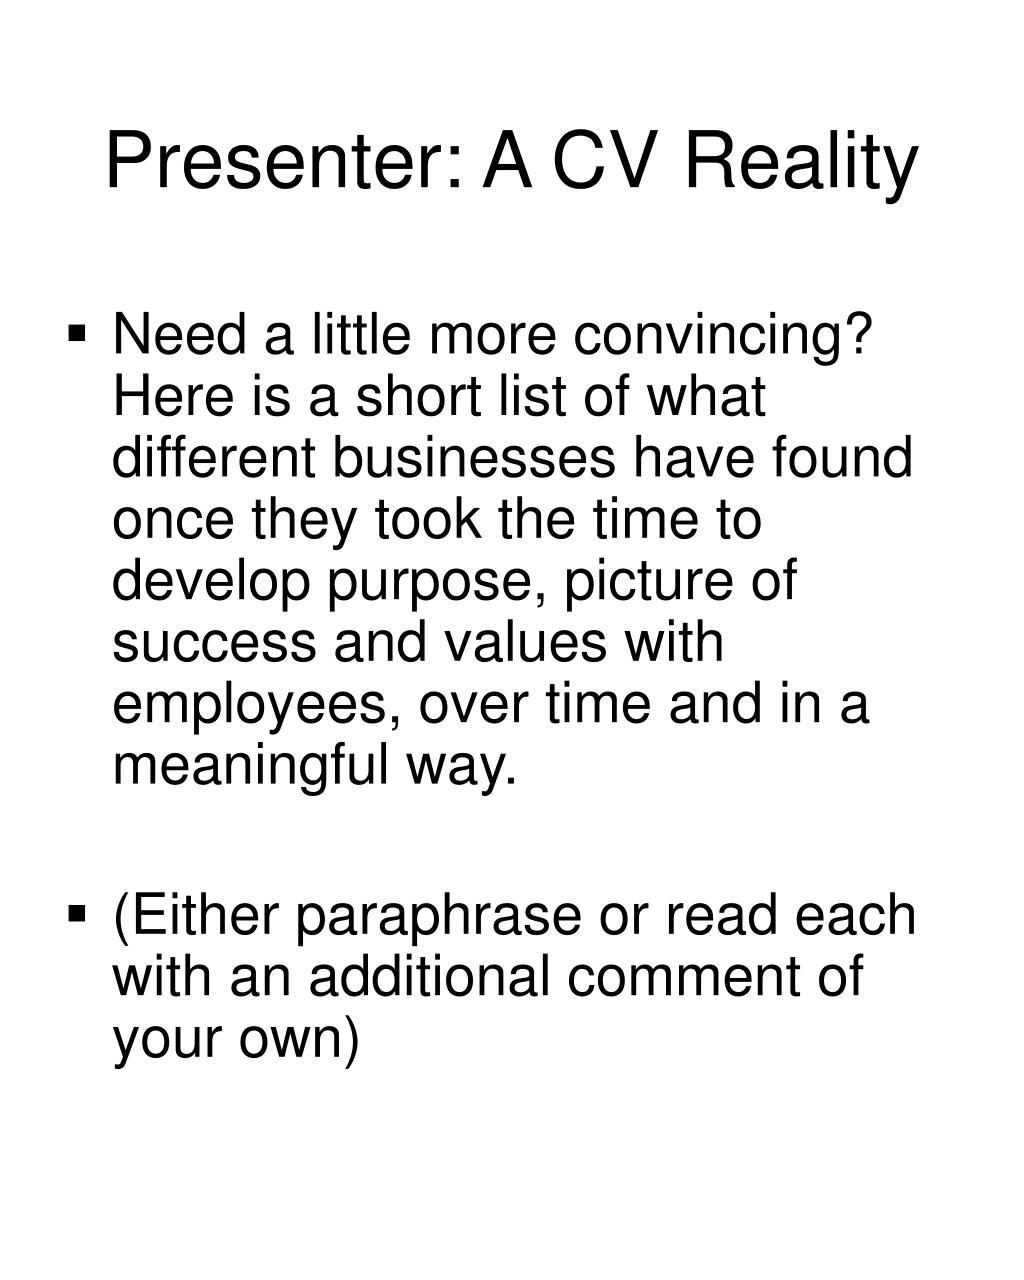 Presenter: A CV Reality